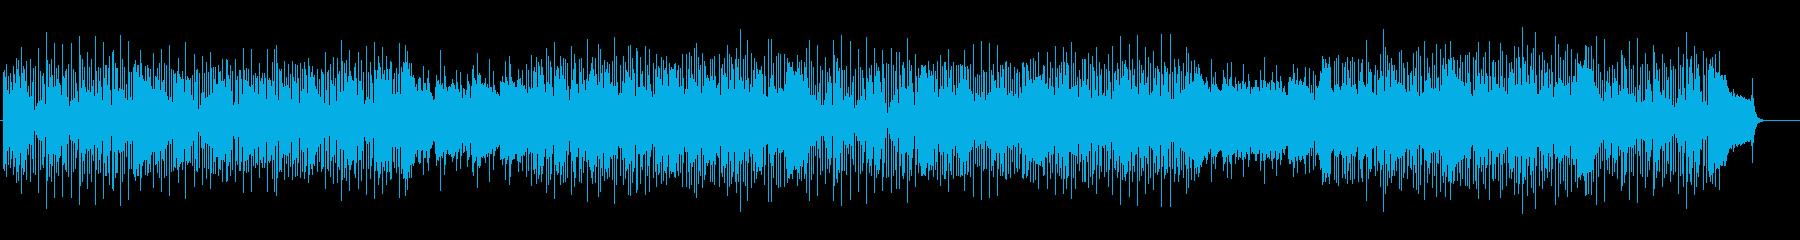 熱のこもったアダルトなフュージョンの再生済みの波形